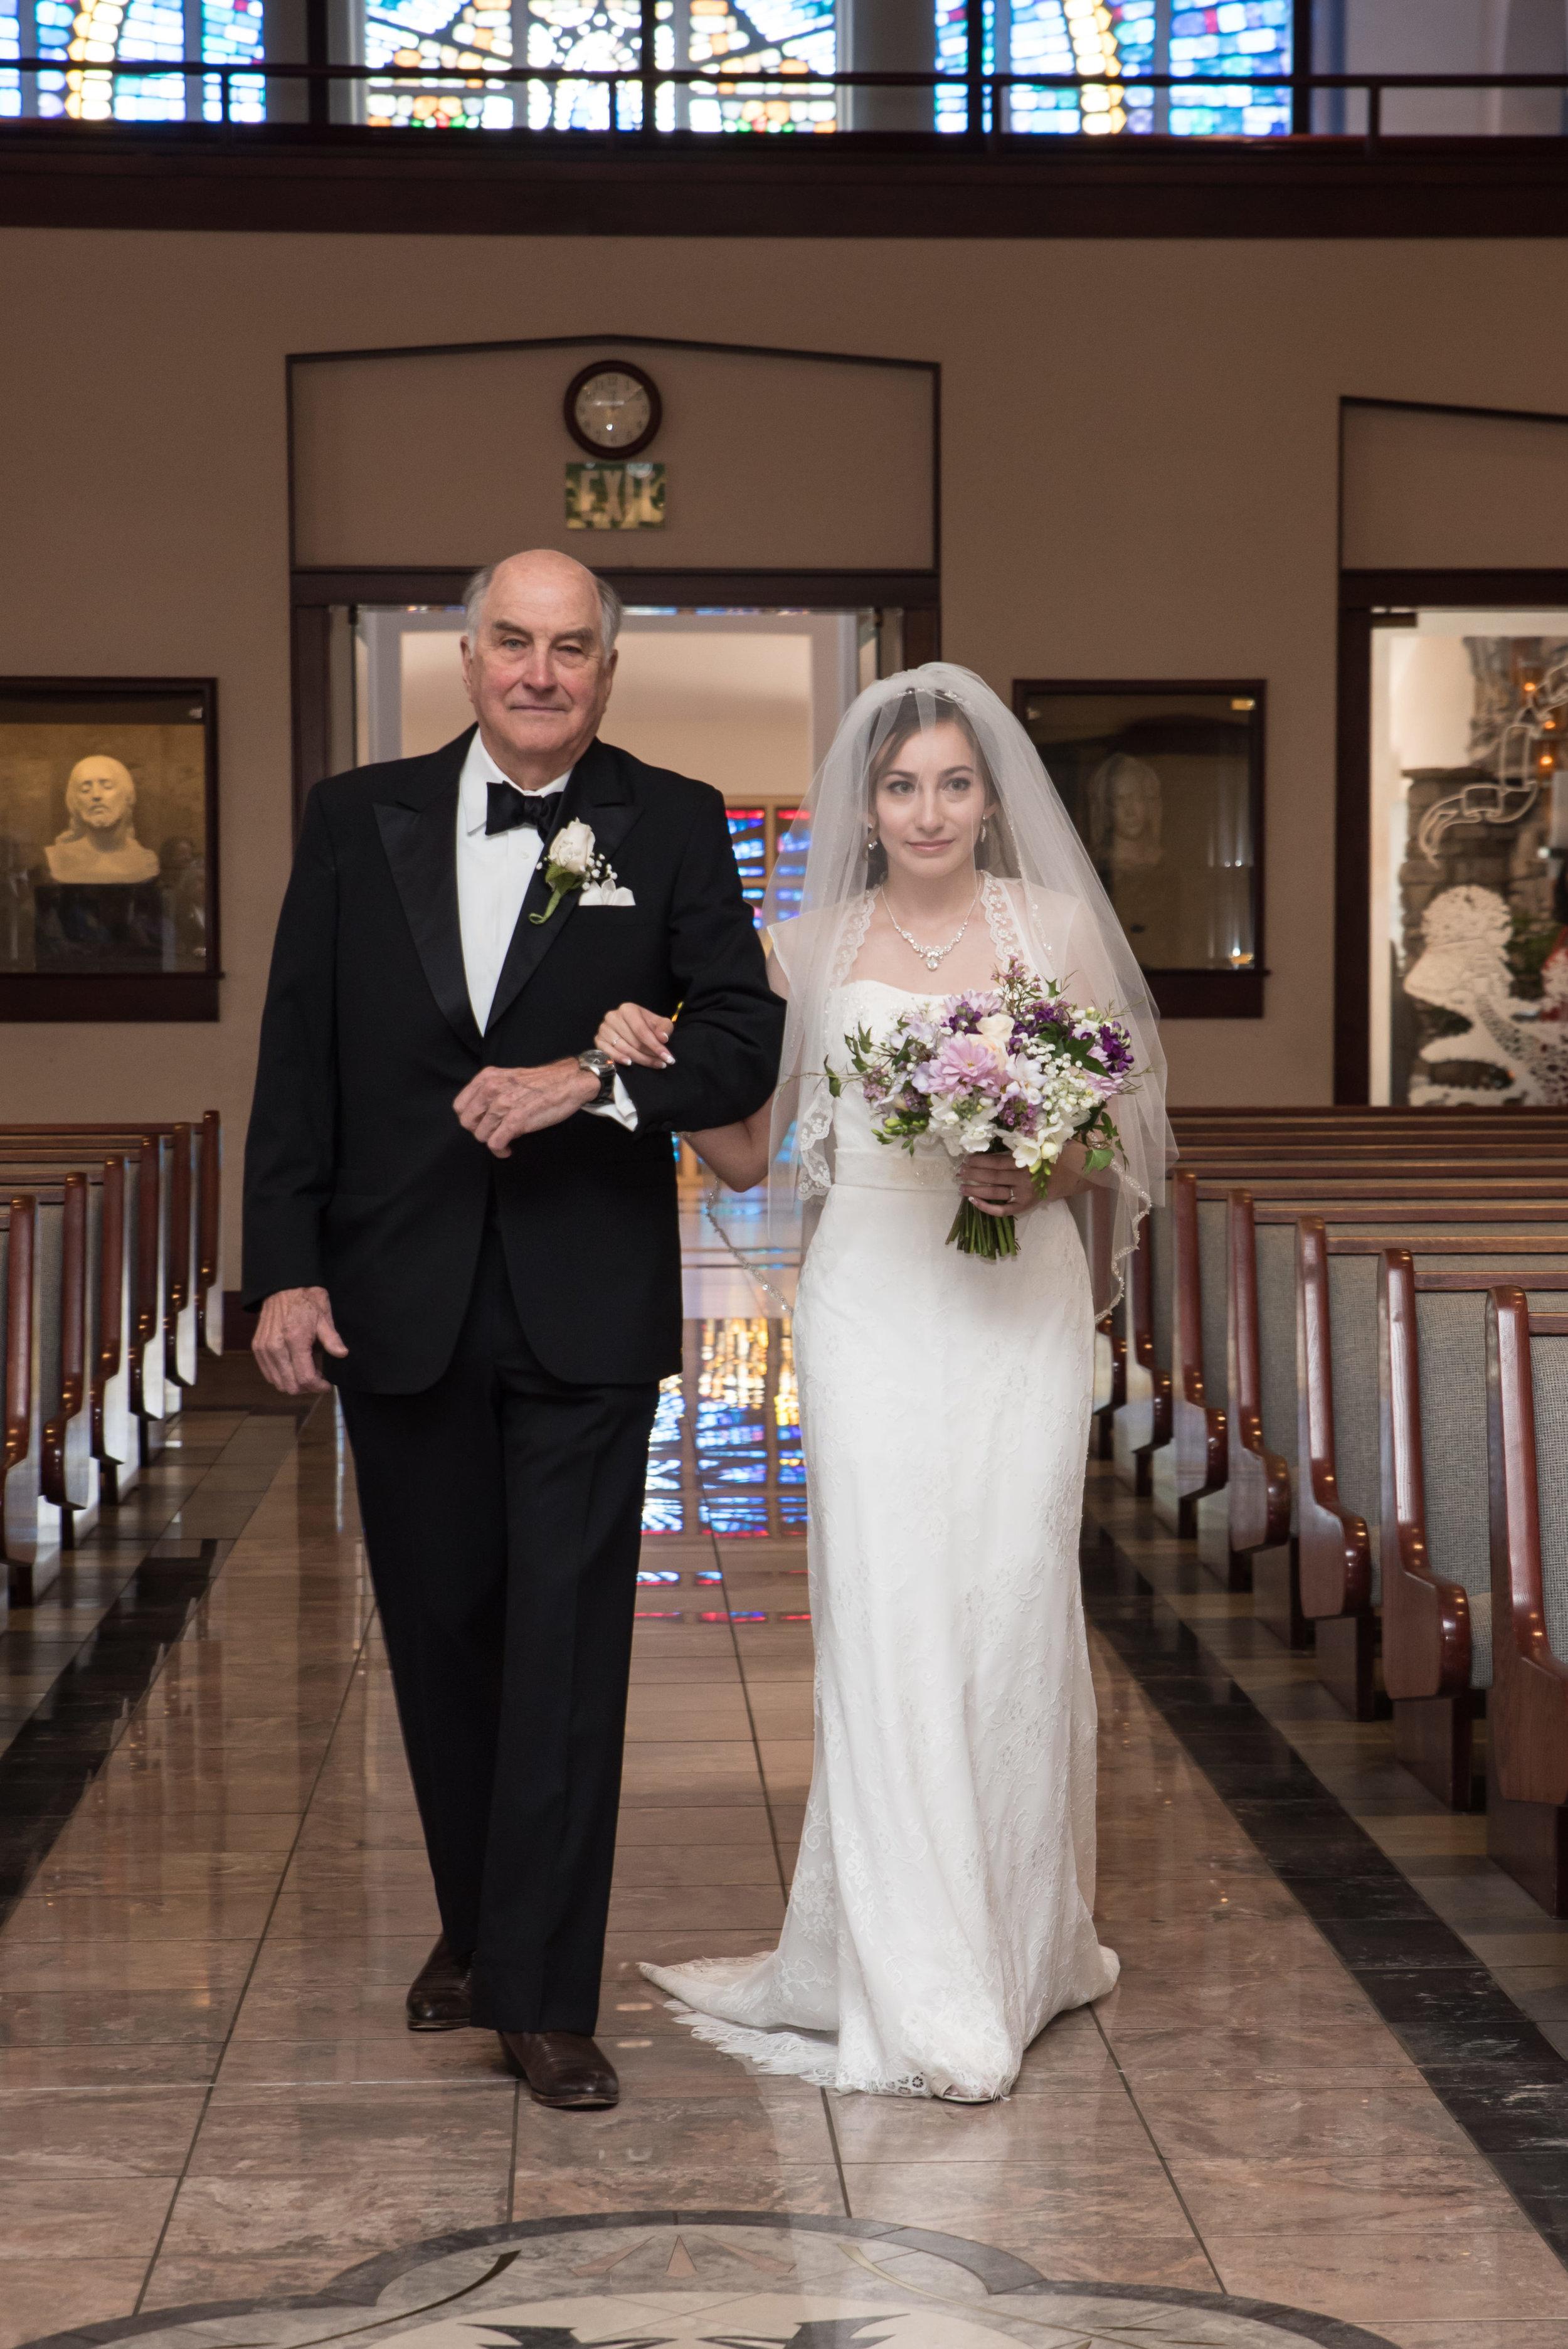 Albuquerque Wedding Photograph - N & E McInteer (25 of 369).jpg